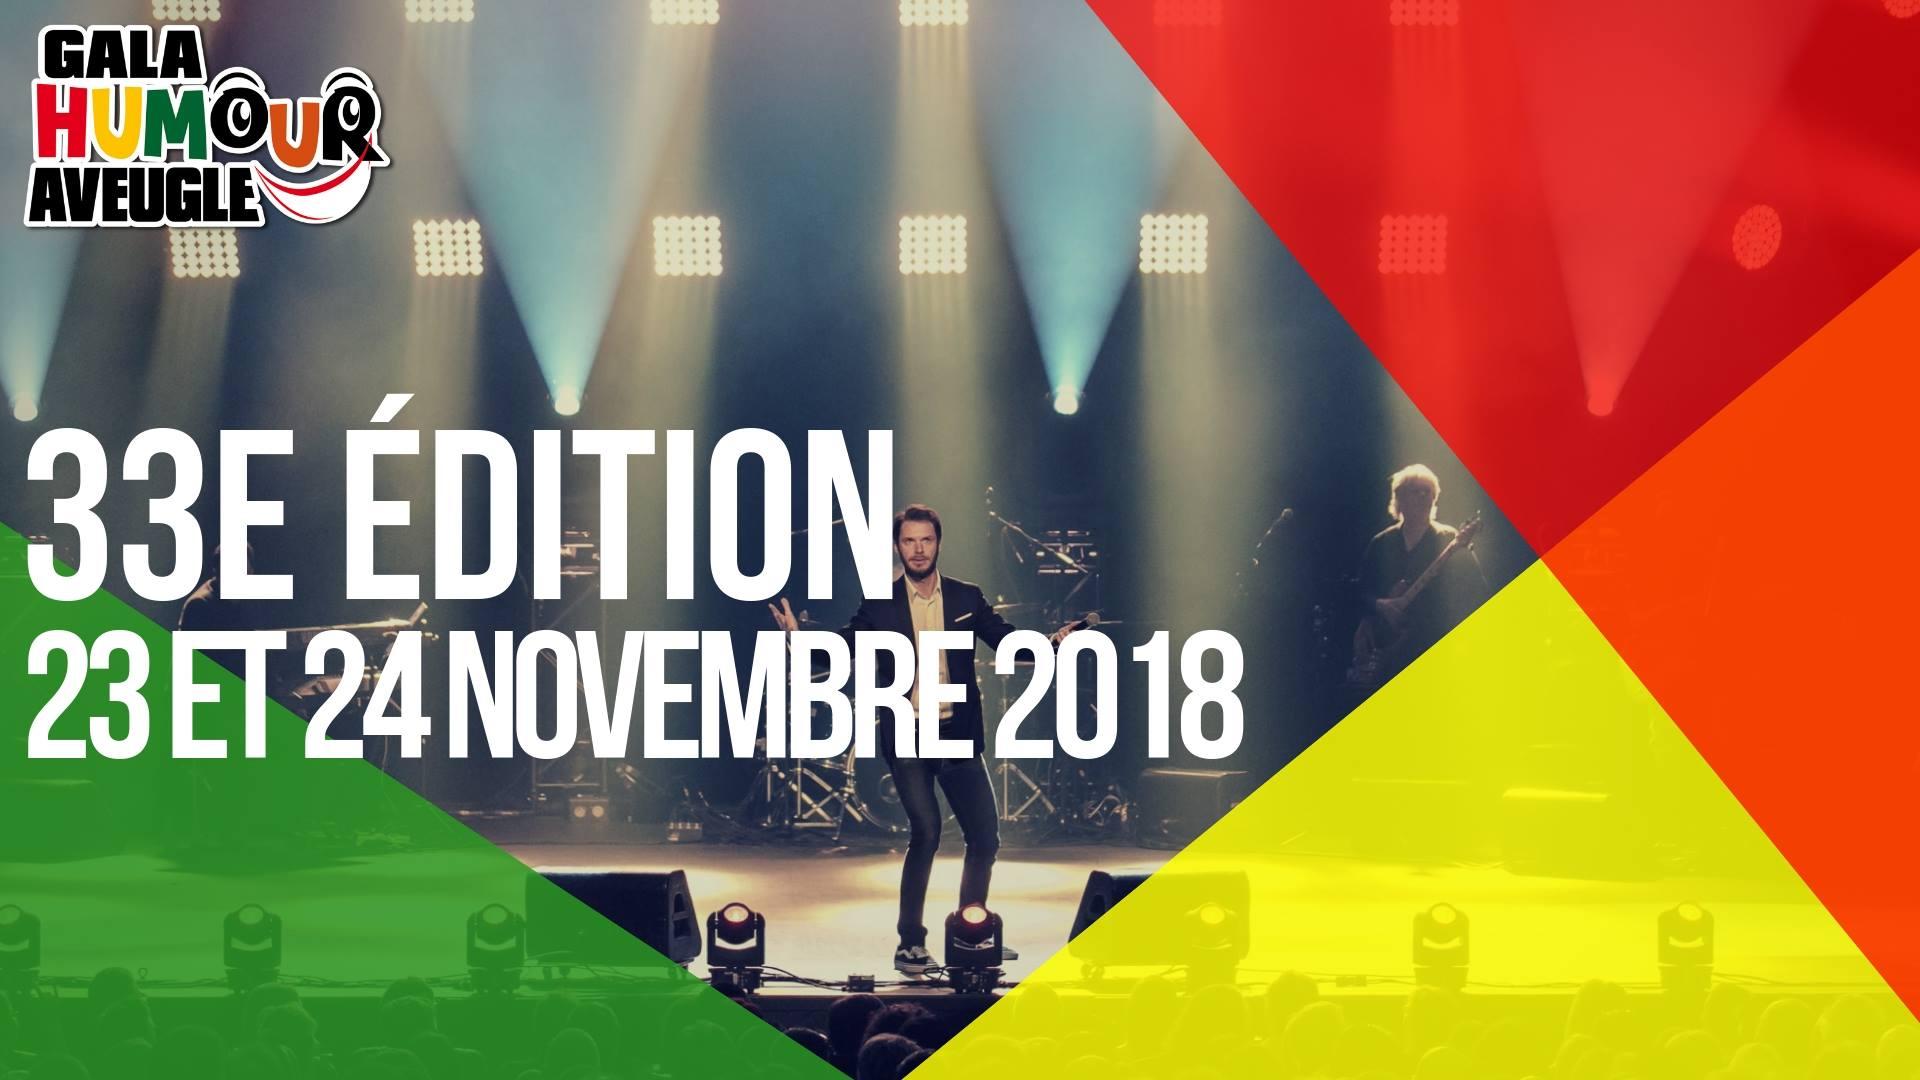 Gala-humour-aveugle-33-novembre-2018